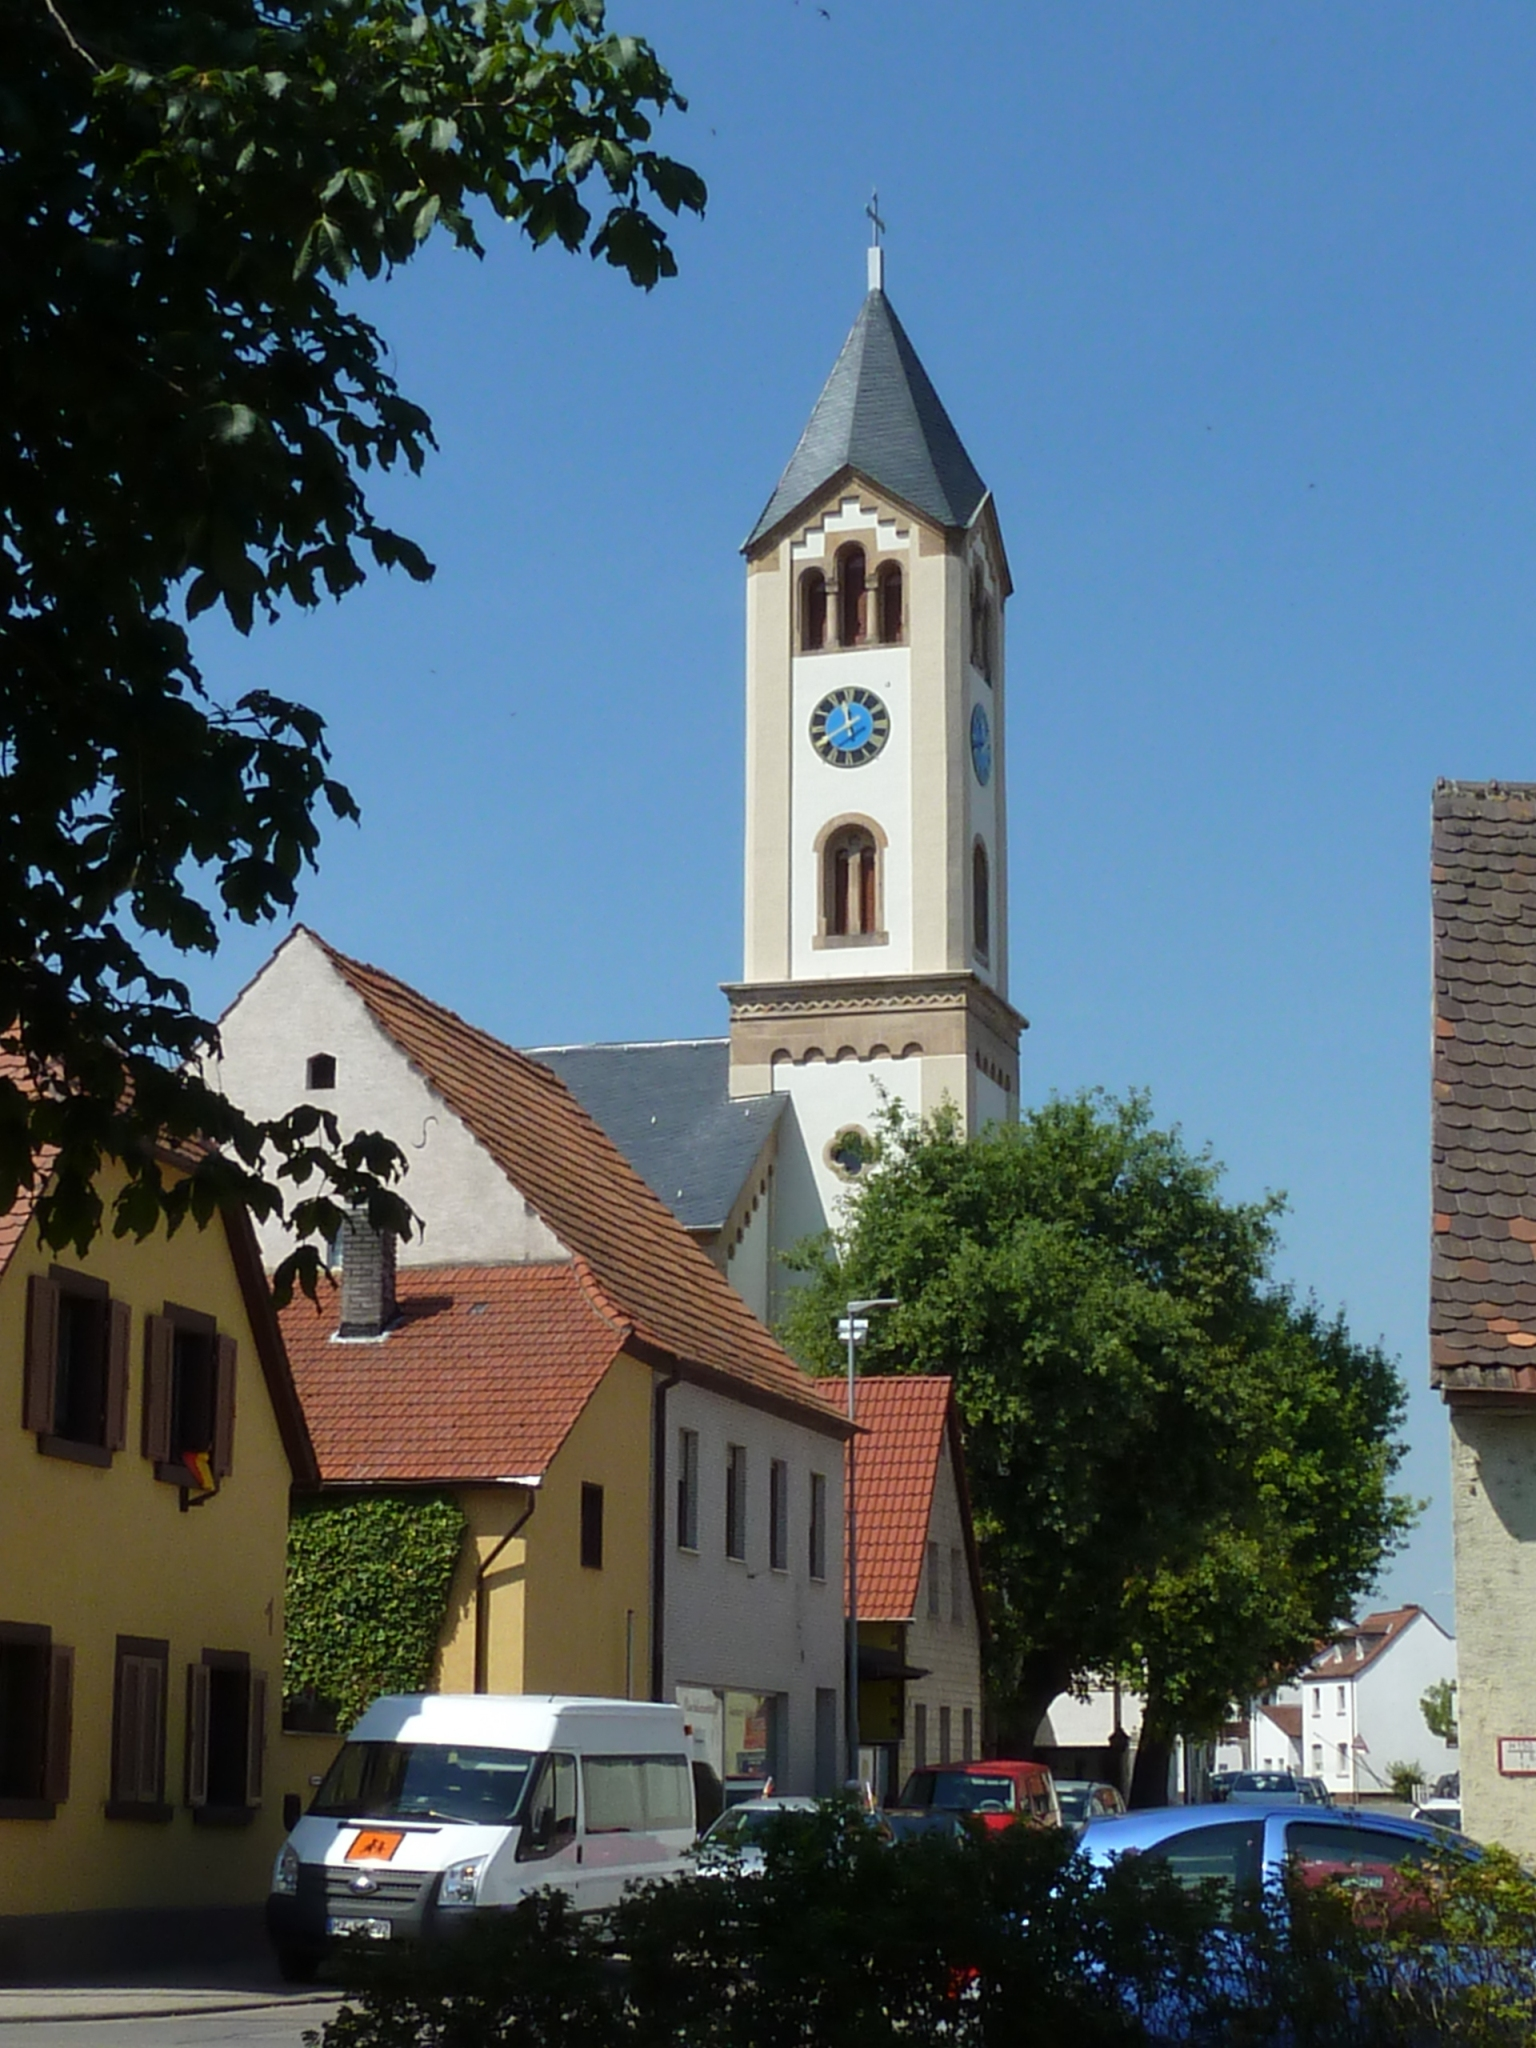 Heilig-Kreuz-Kirche in Mörsch